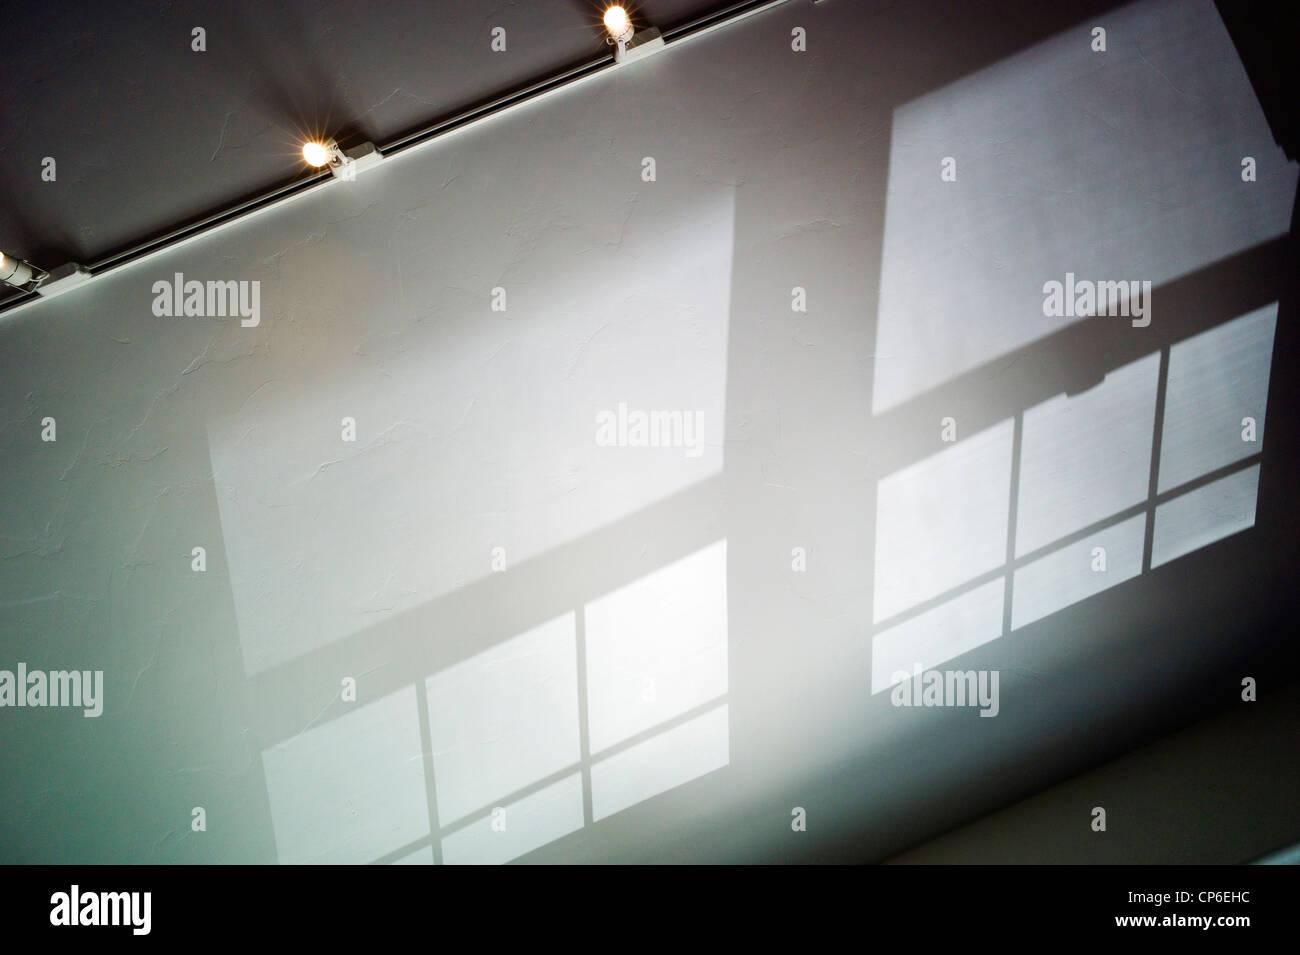 Reflejos, sombras y patrones de cristal fundido en el techo abovedado de una oficina en casa. Imagen De Stock